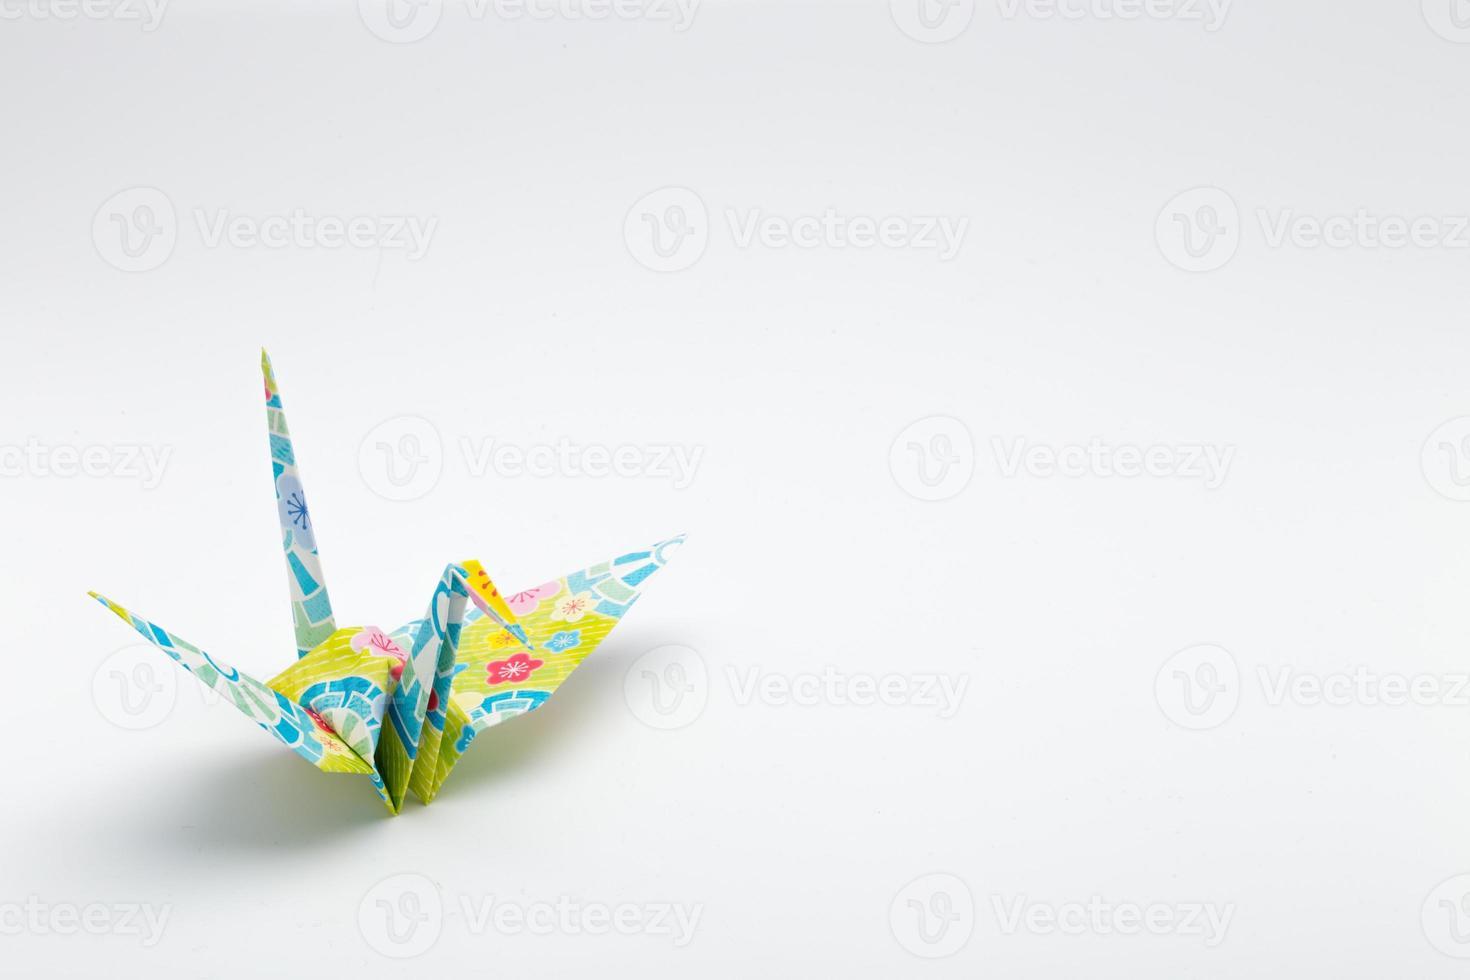 papper kranar (1 fågel) foto